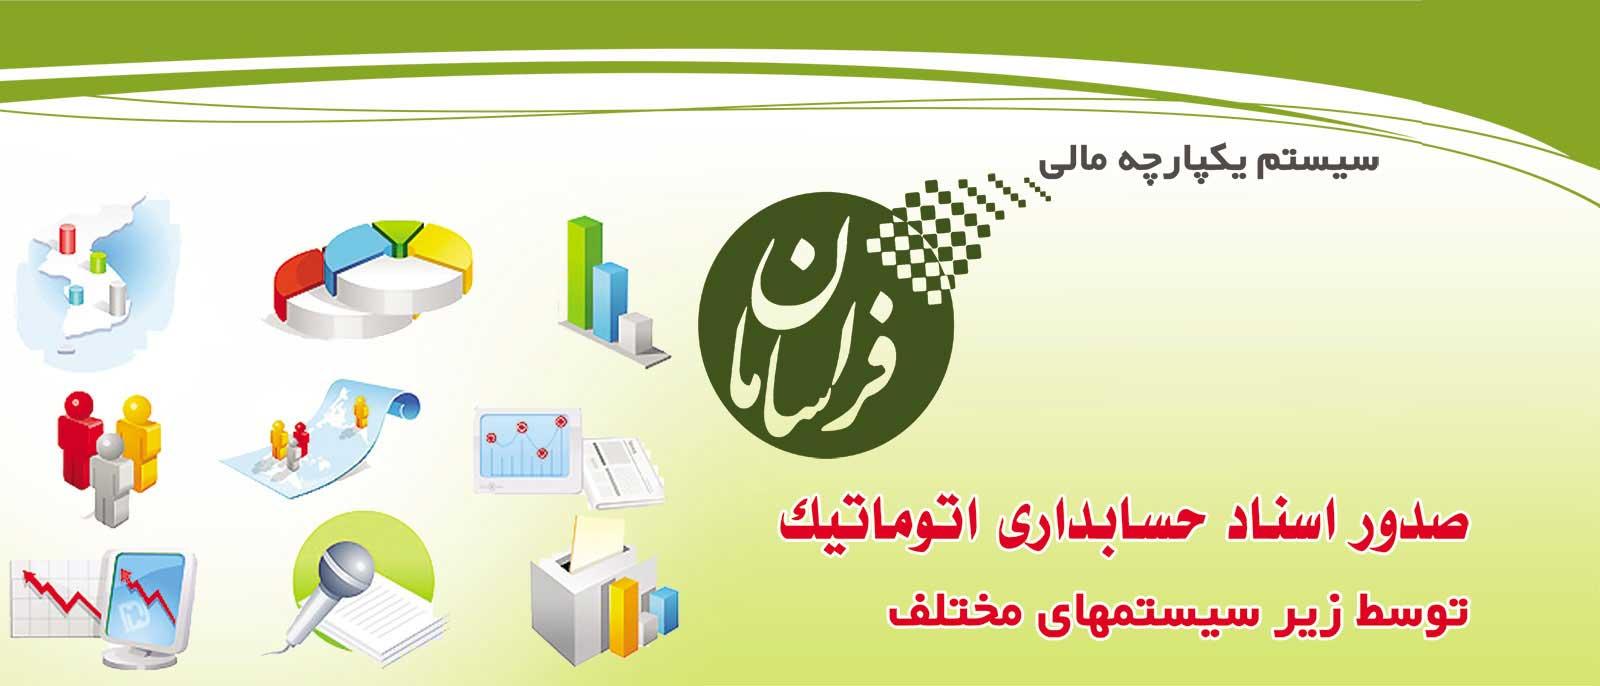 صدور اسناد حسابداری اتوماتیک توسط زیر سیستمهای مختلف